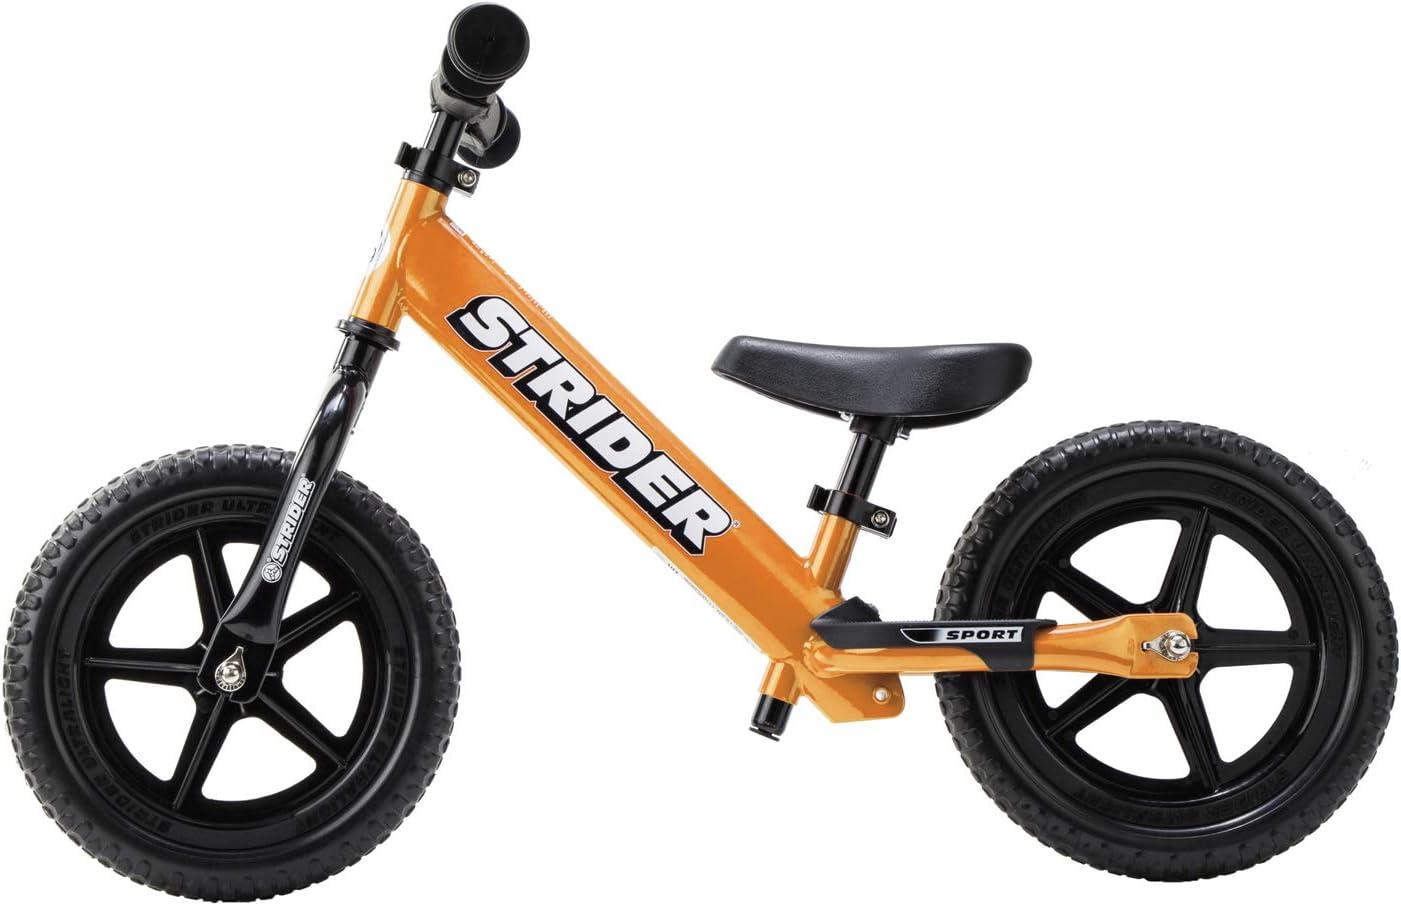 Strider 12 Sport - Bicicleta sin Pedales Ultraligera - para niños de 18 Meses, 2,3, 4 y 5 años, sillín Ajustable, 12 Pulgadas (Naranja)